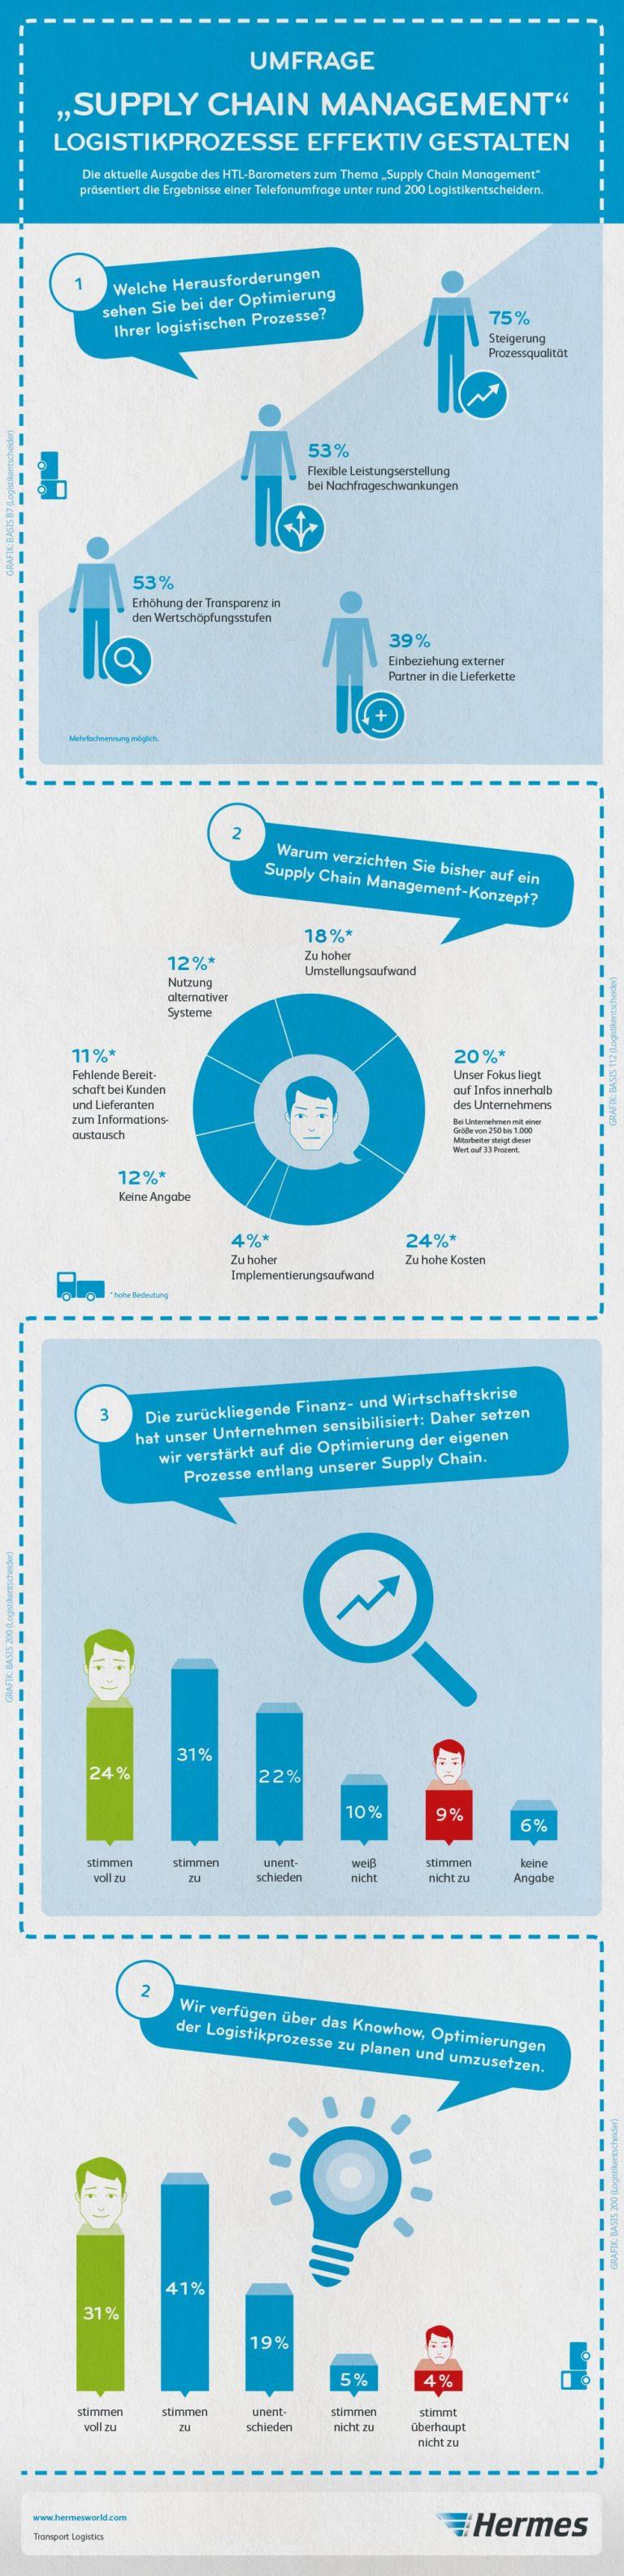 Wie kann eine Supply Chain sinnvoll optimiert werden?Rund 200 Logistikentscheider hat Hermes zu ihrenLogistikprozessen befragt. Die wichtigsten Ergebnisse zeigt unsere Infografik.barometer